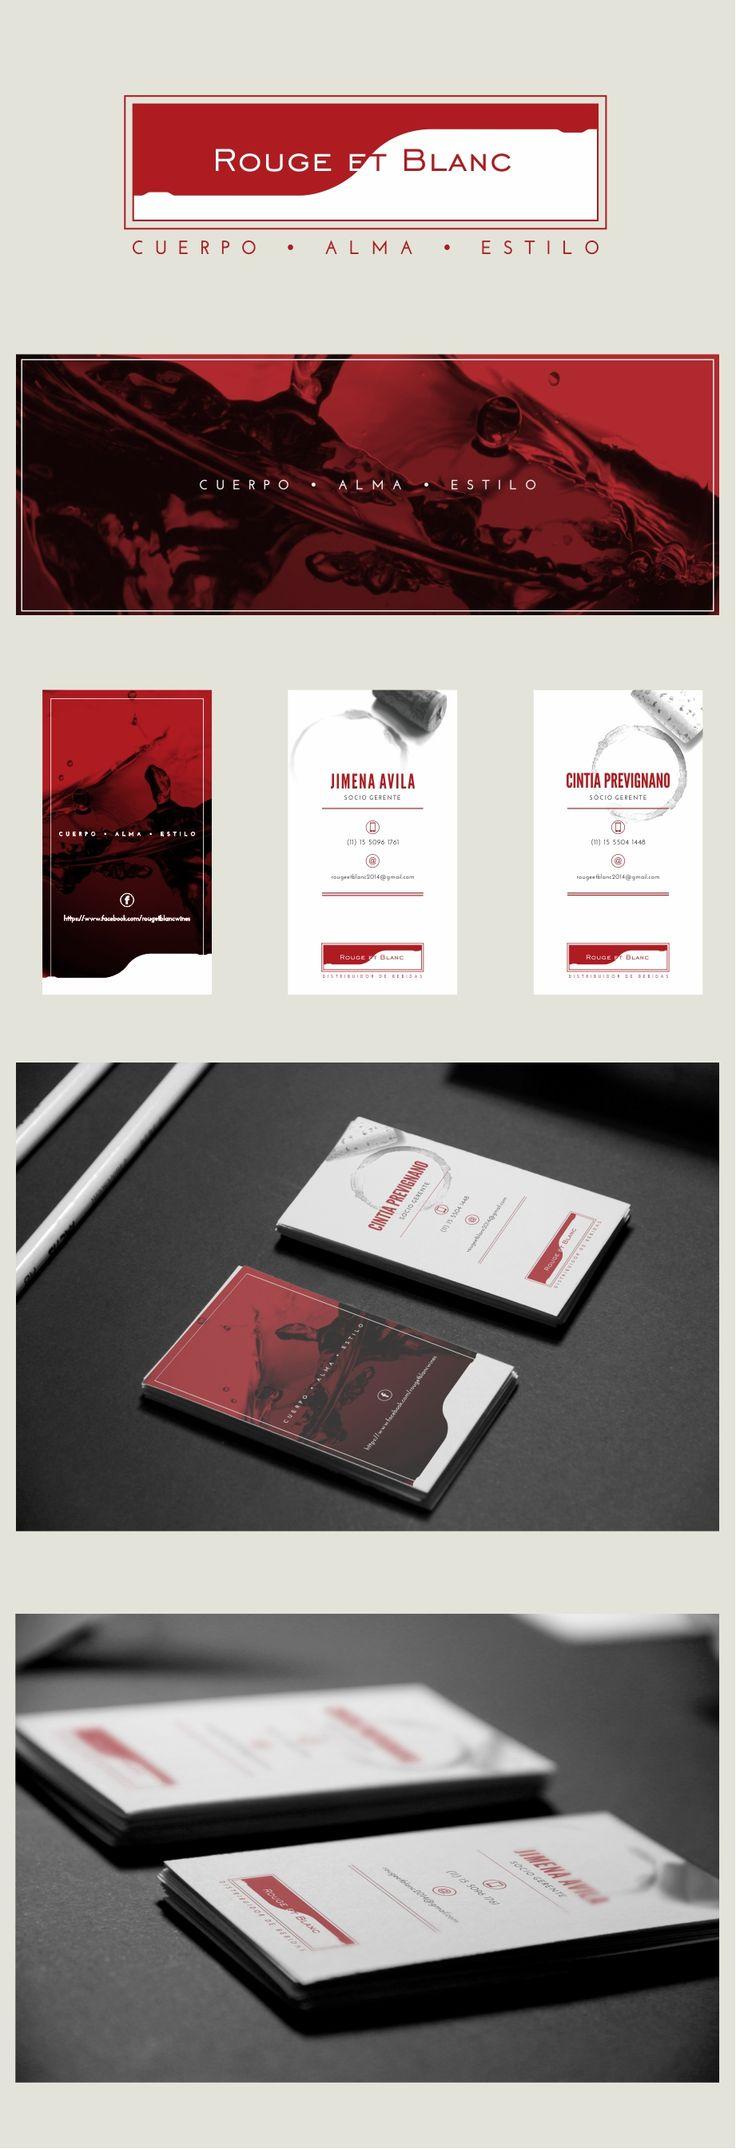 ROUGE ET BLANC   Distribuidora de Vinos   Marca + Portada FB + Brand + Tarjetas Personales / FB Profile + Personal Cards